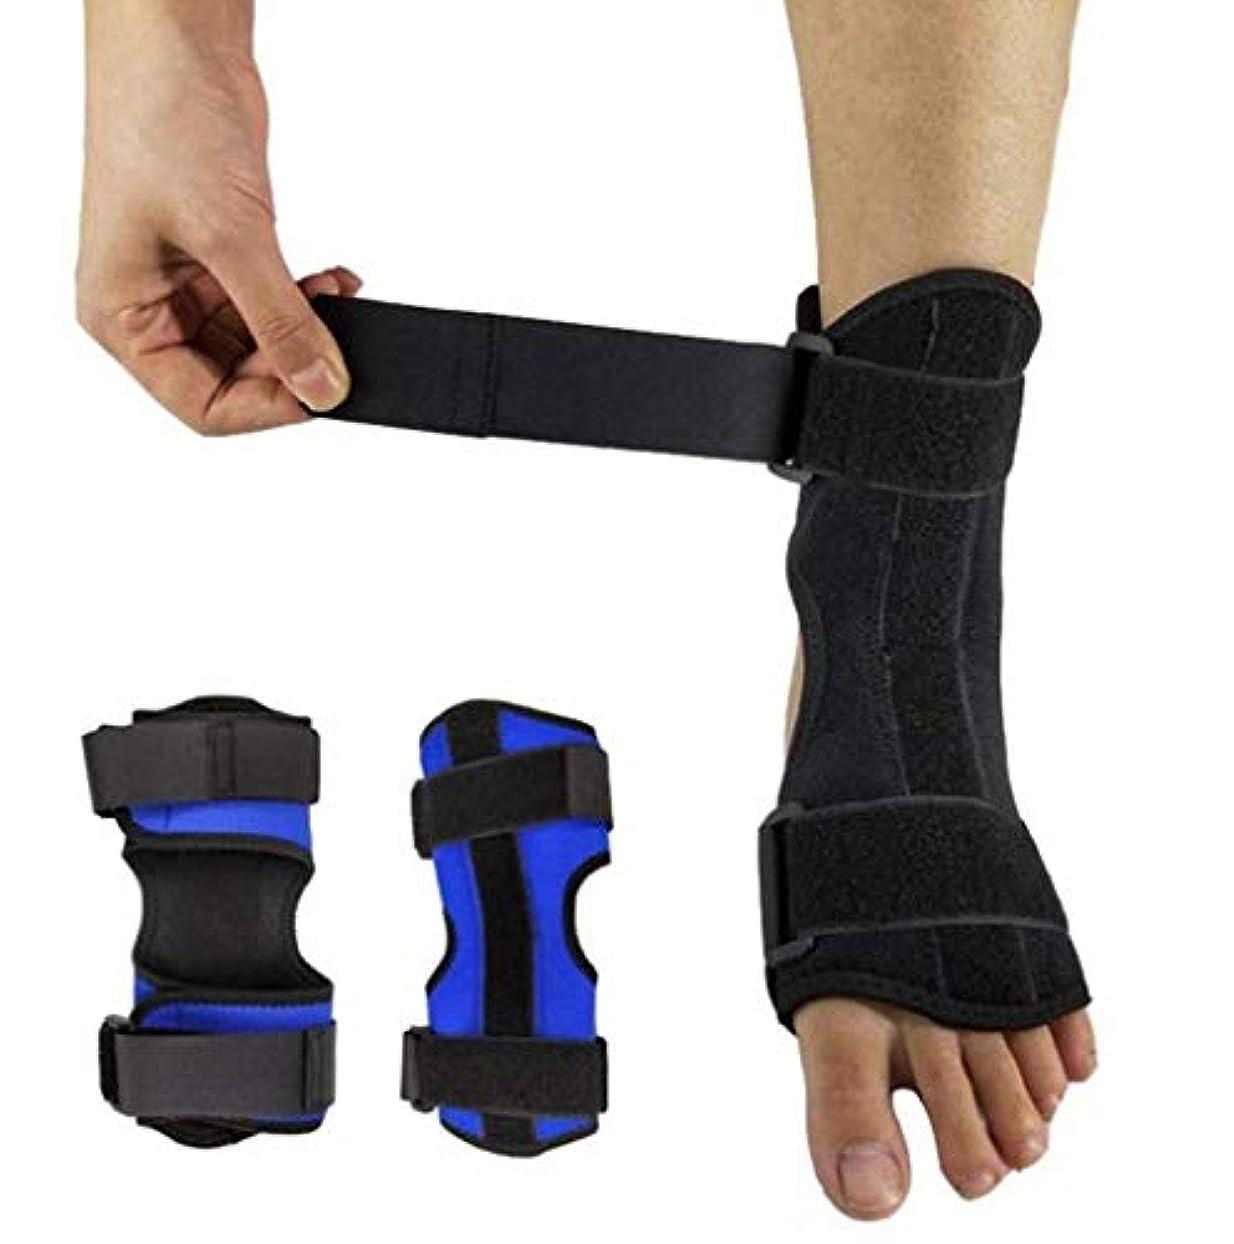 ドロップフット–ドロップフット、神経損傷、足の位置、圧力緩和、足首と足の装具のサポート